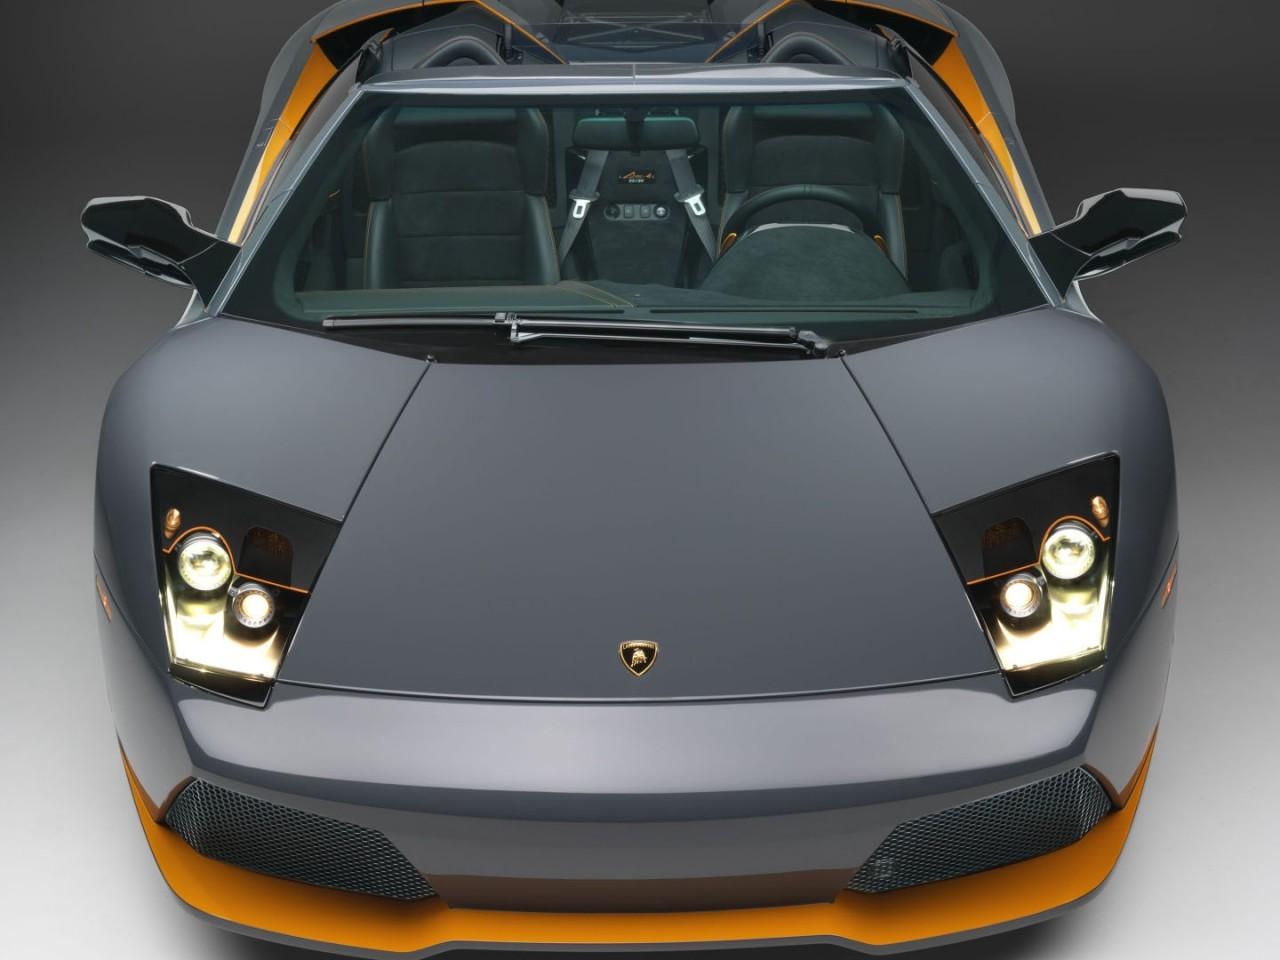 Lamborghini Roadster Wallpaper Hd Wallpapers